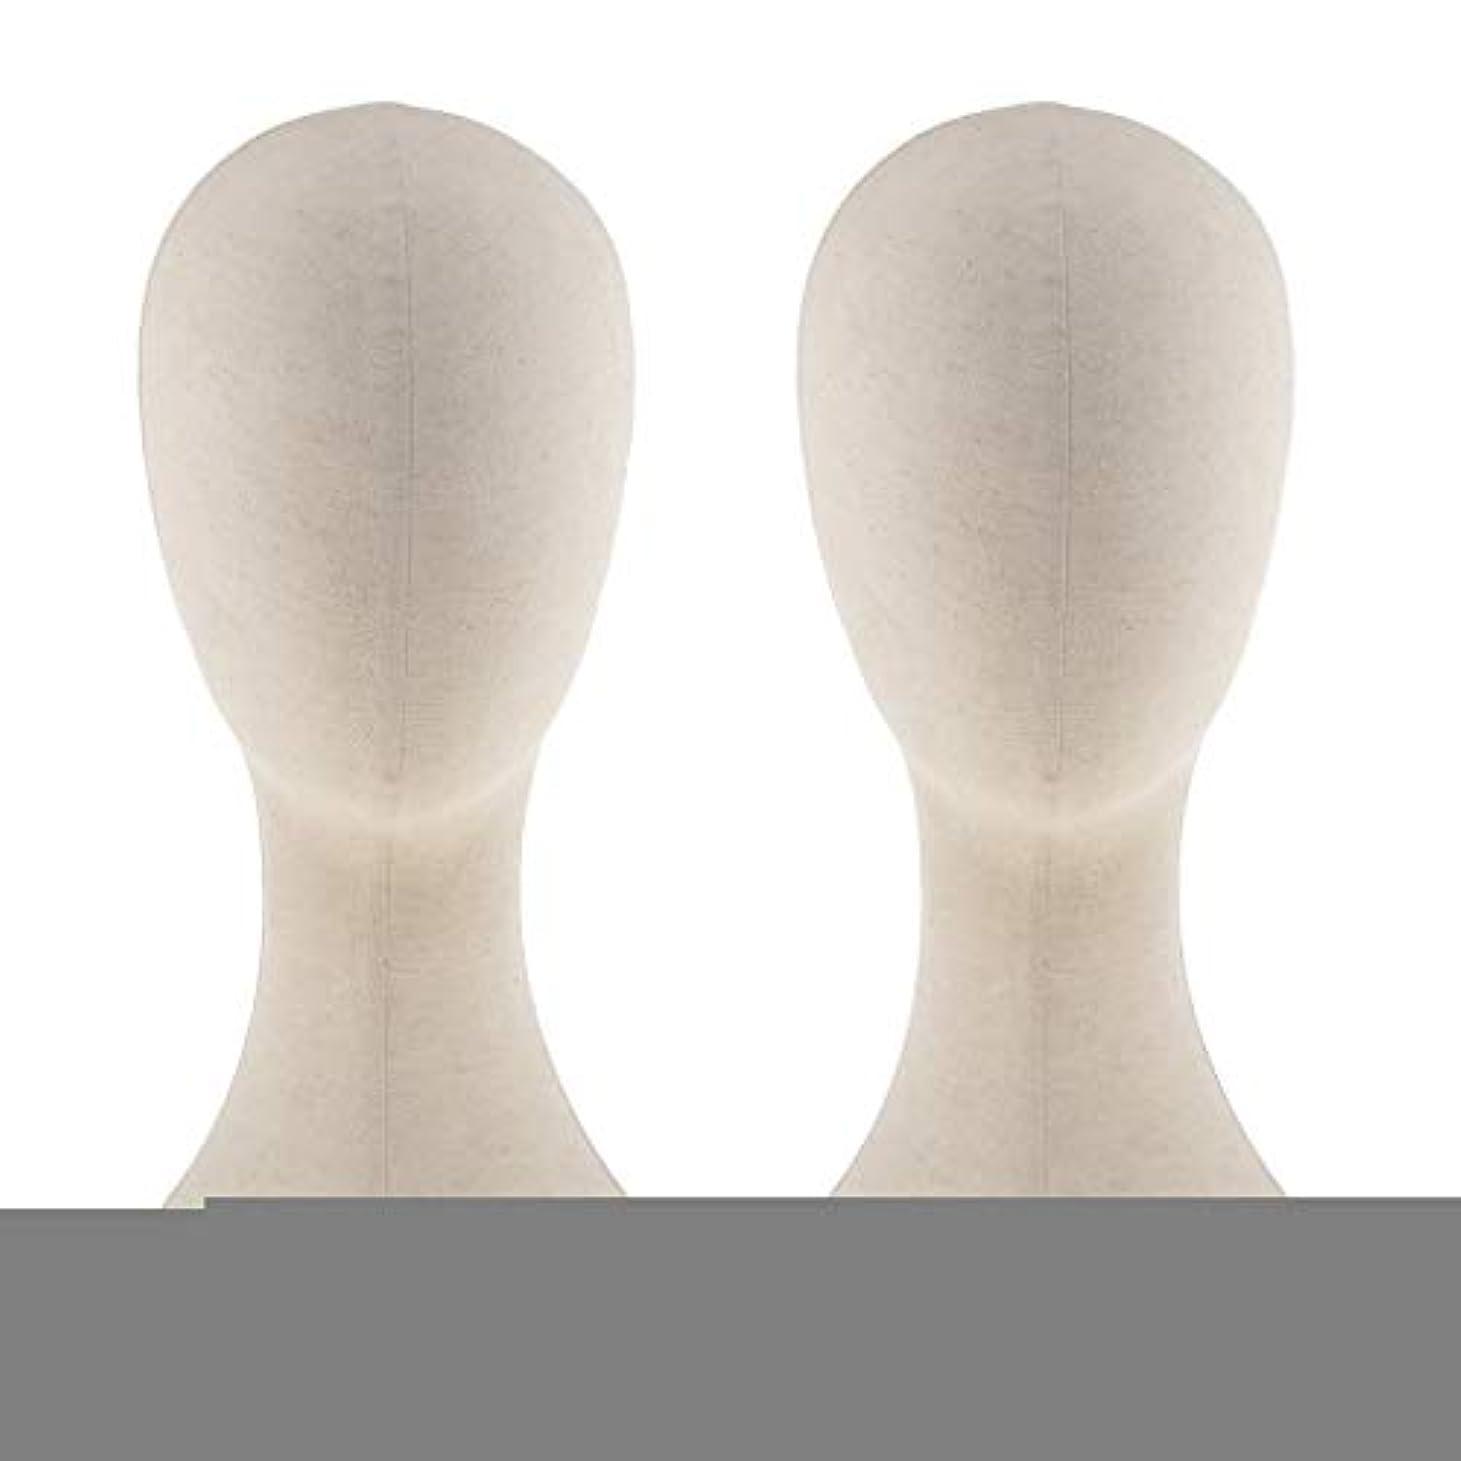 焦げライブ直面するT TOOYFUL キャンバス マネキン ヘッド トルソー 頭 カット練習 頭部 女性 ウィッグマネキン ウィッグスタンド2個